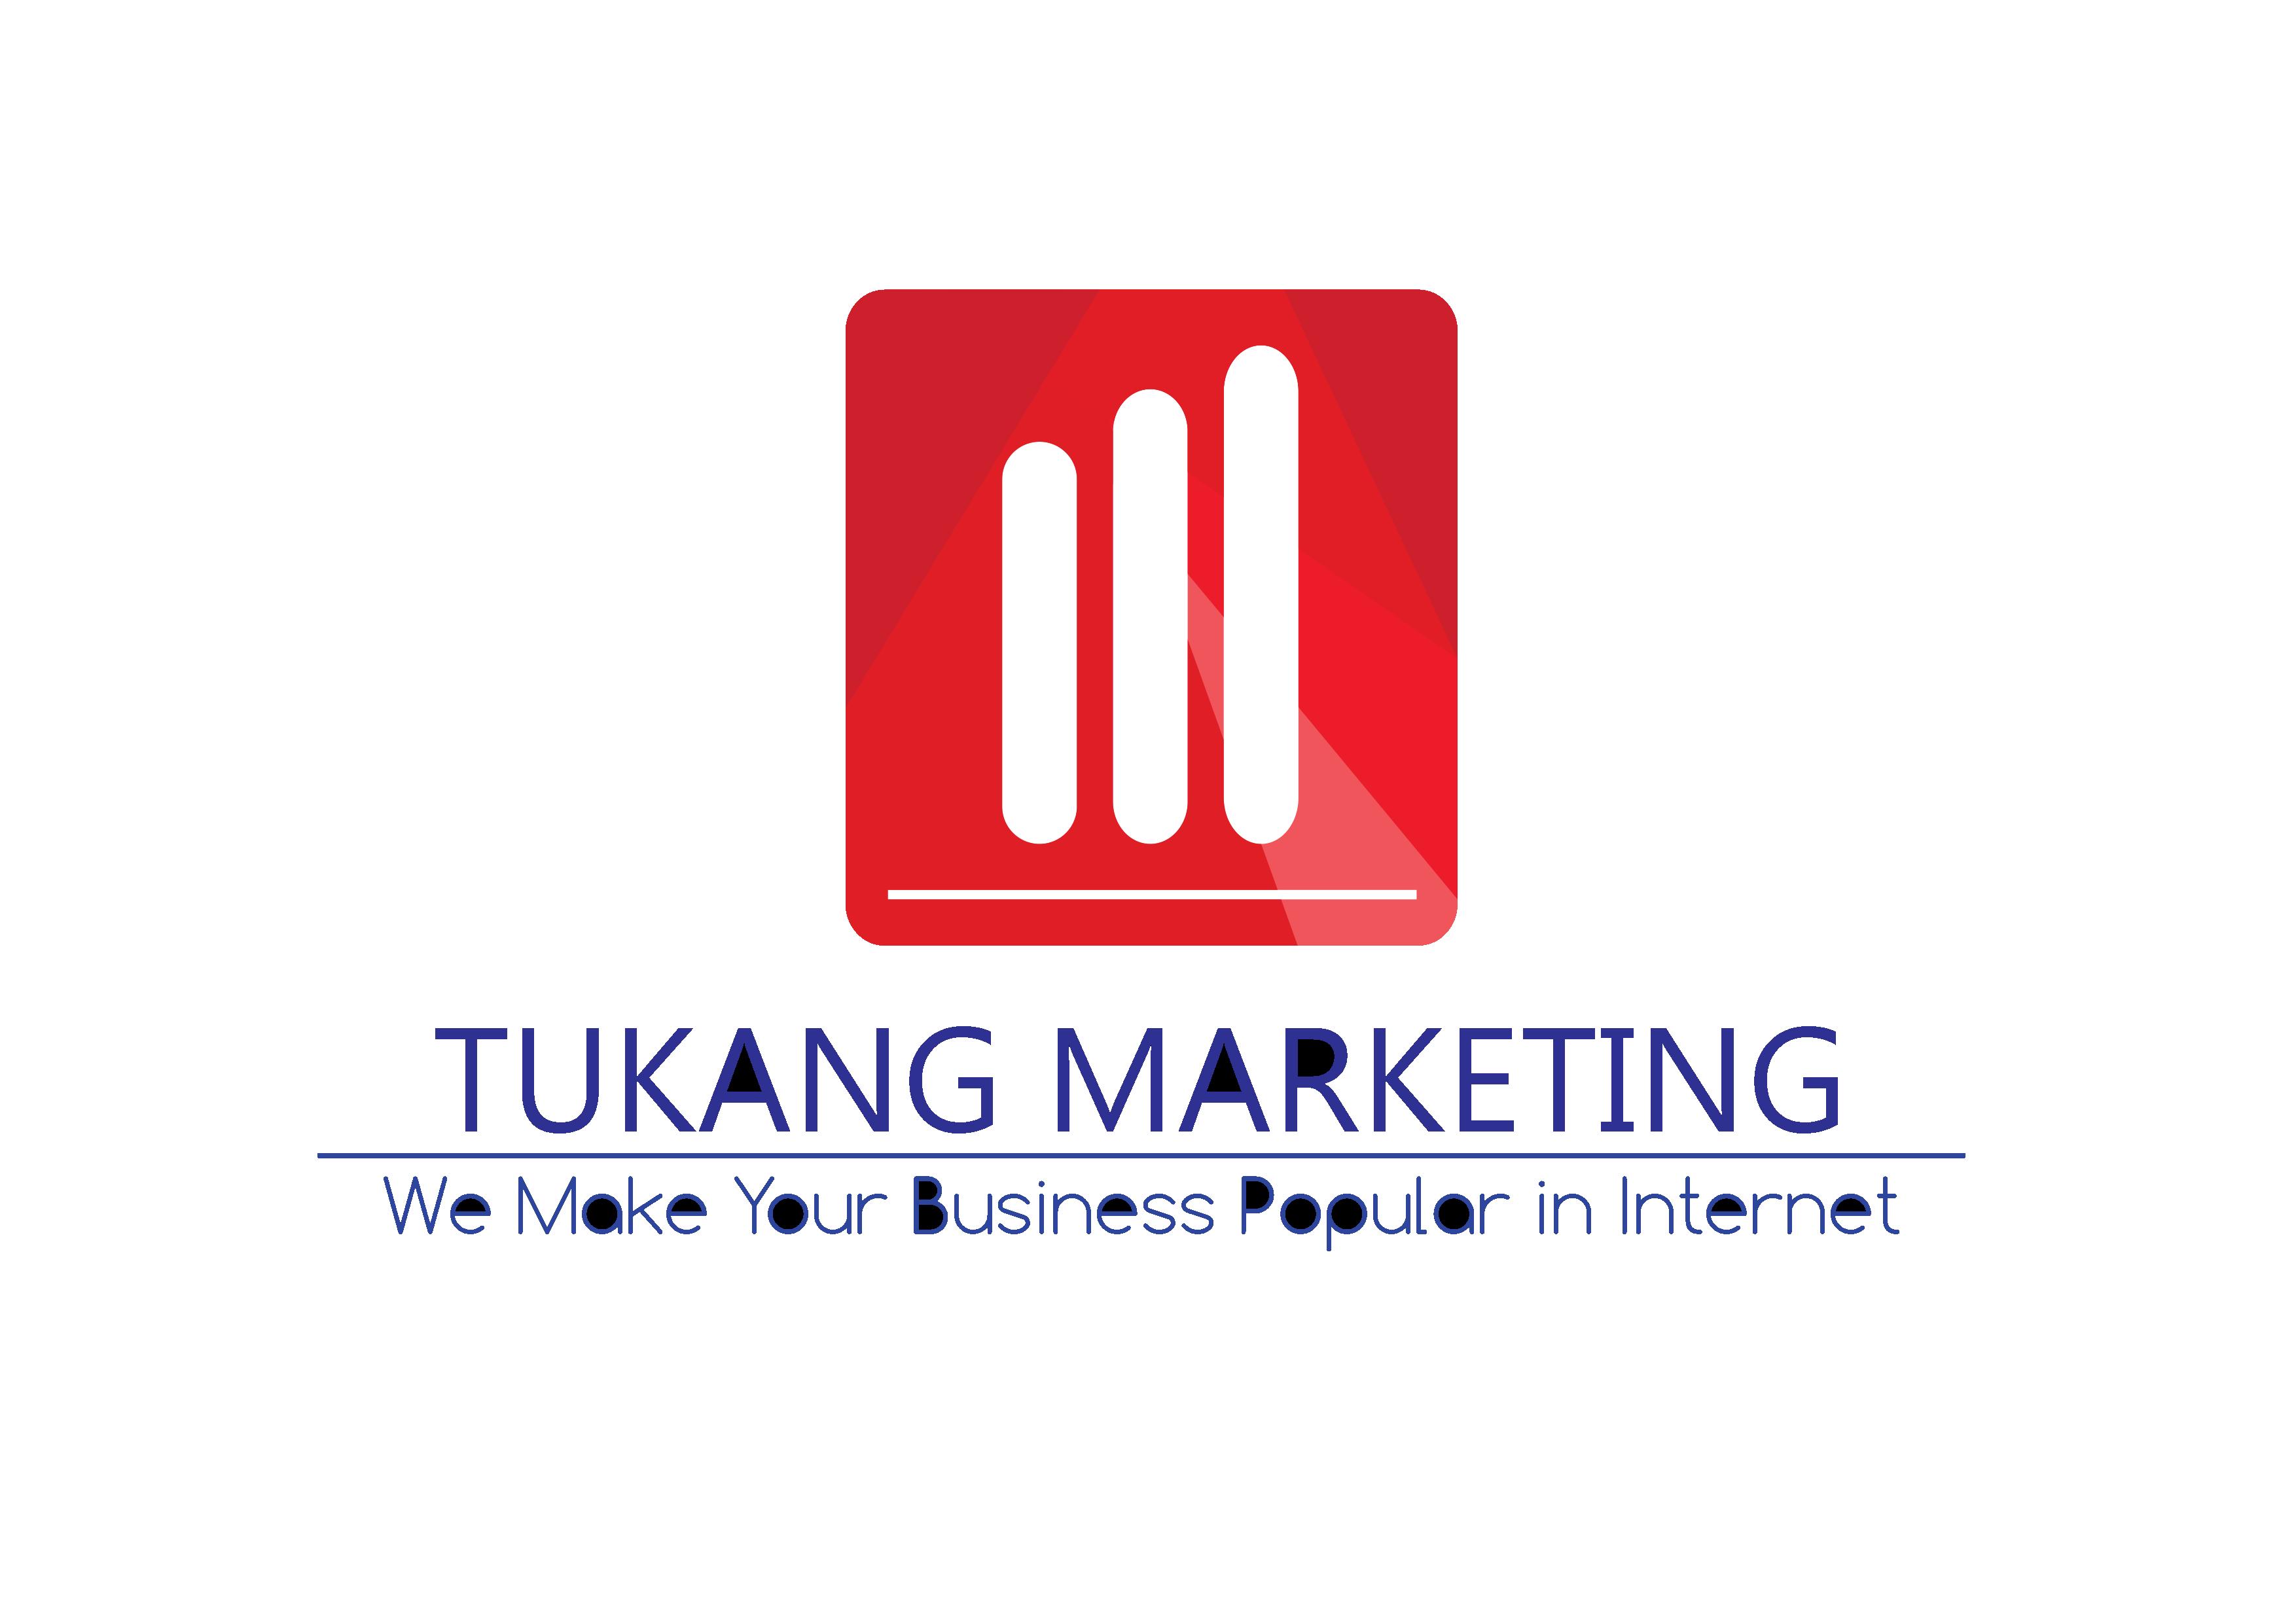 The Tukang Marketing